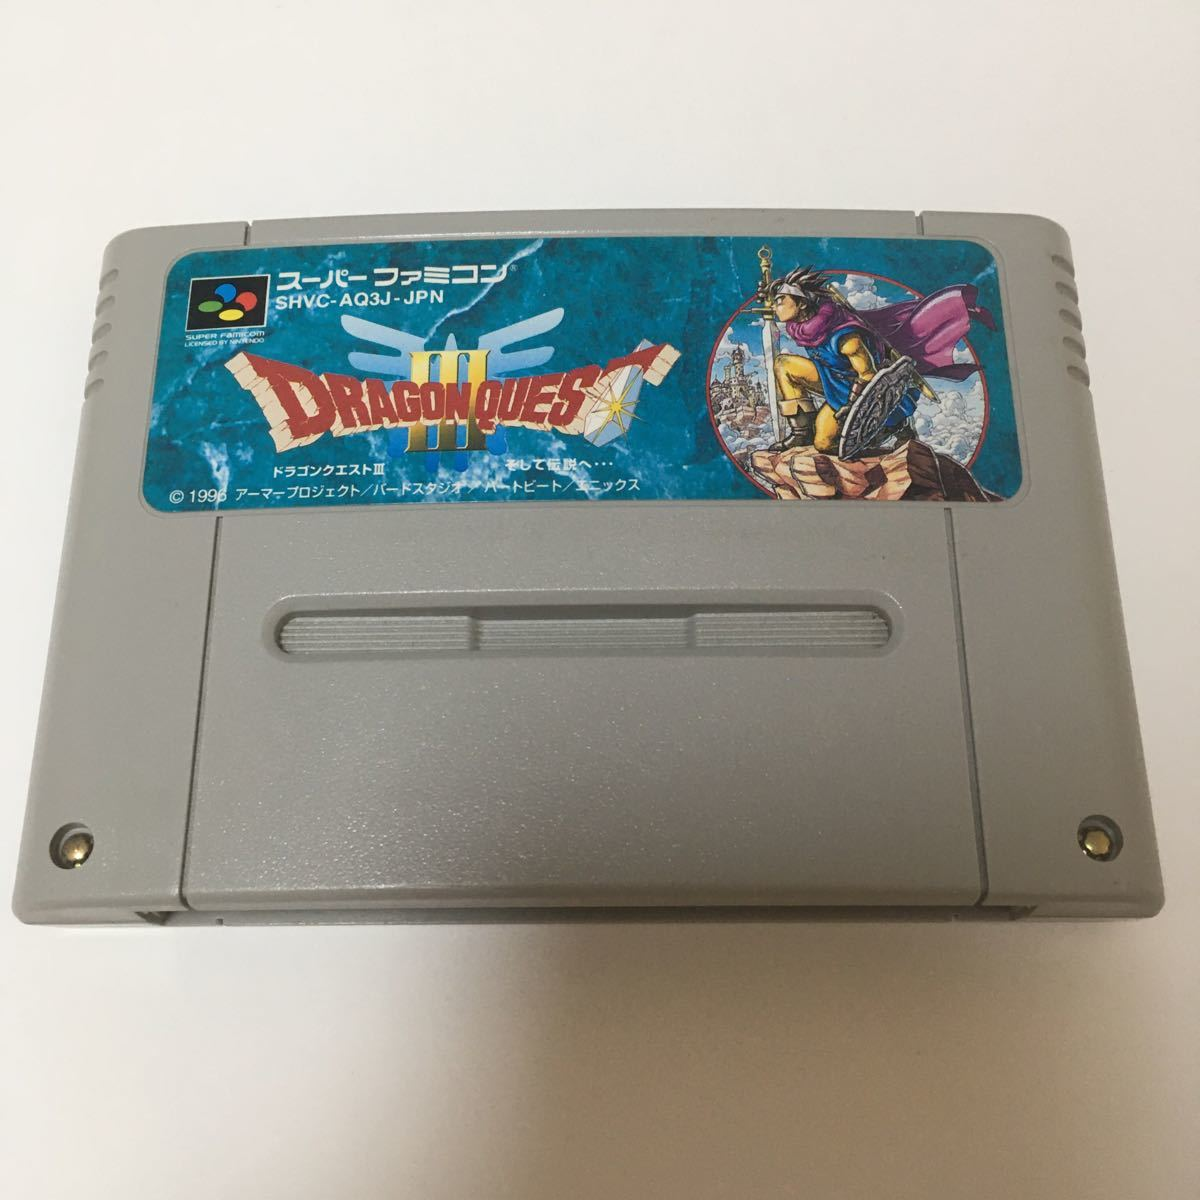 スーパーファミコン ソフト ドラゴンクエスト3 そして伝説へ 動作確認済み ドラクエ カセット スーファミ